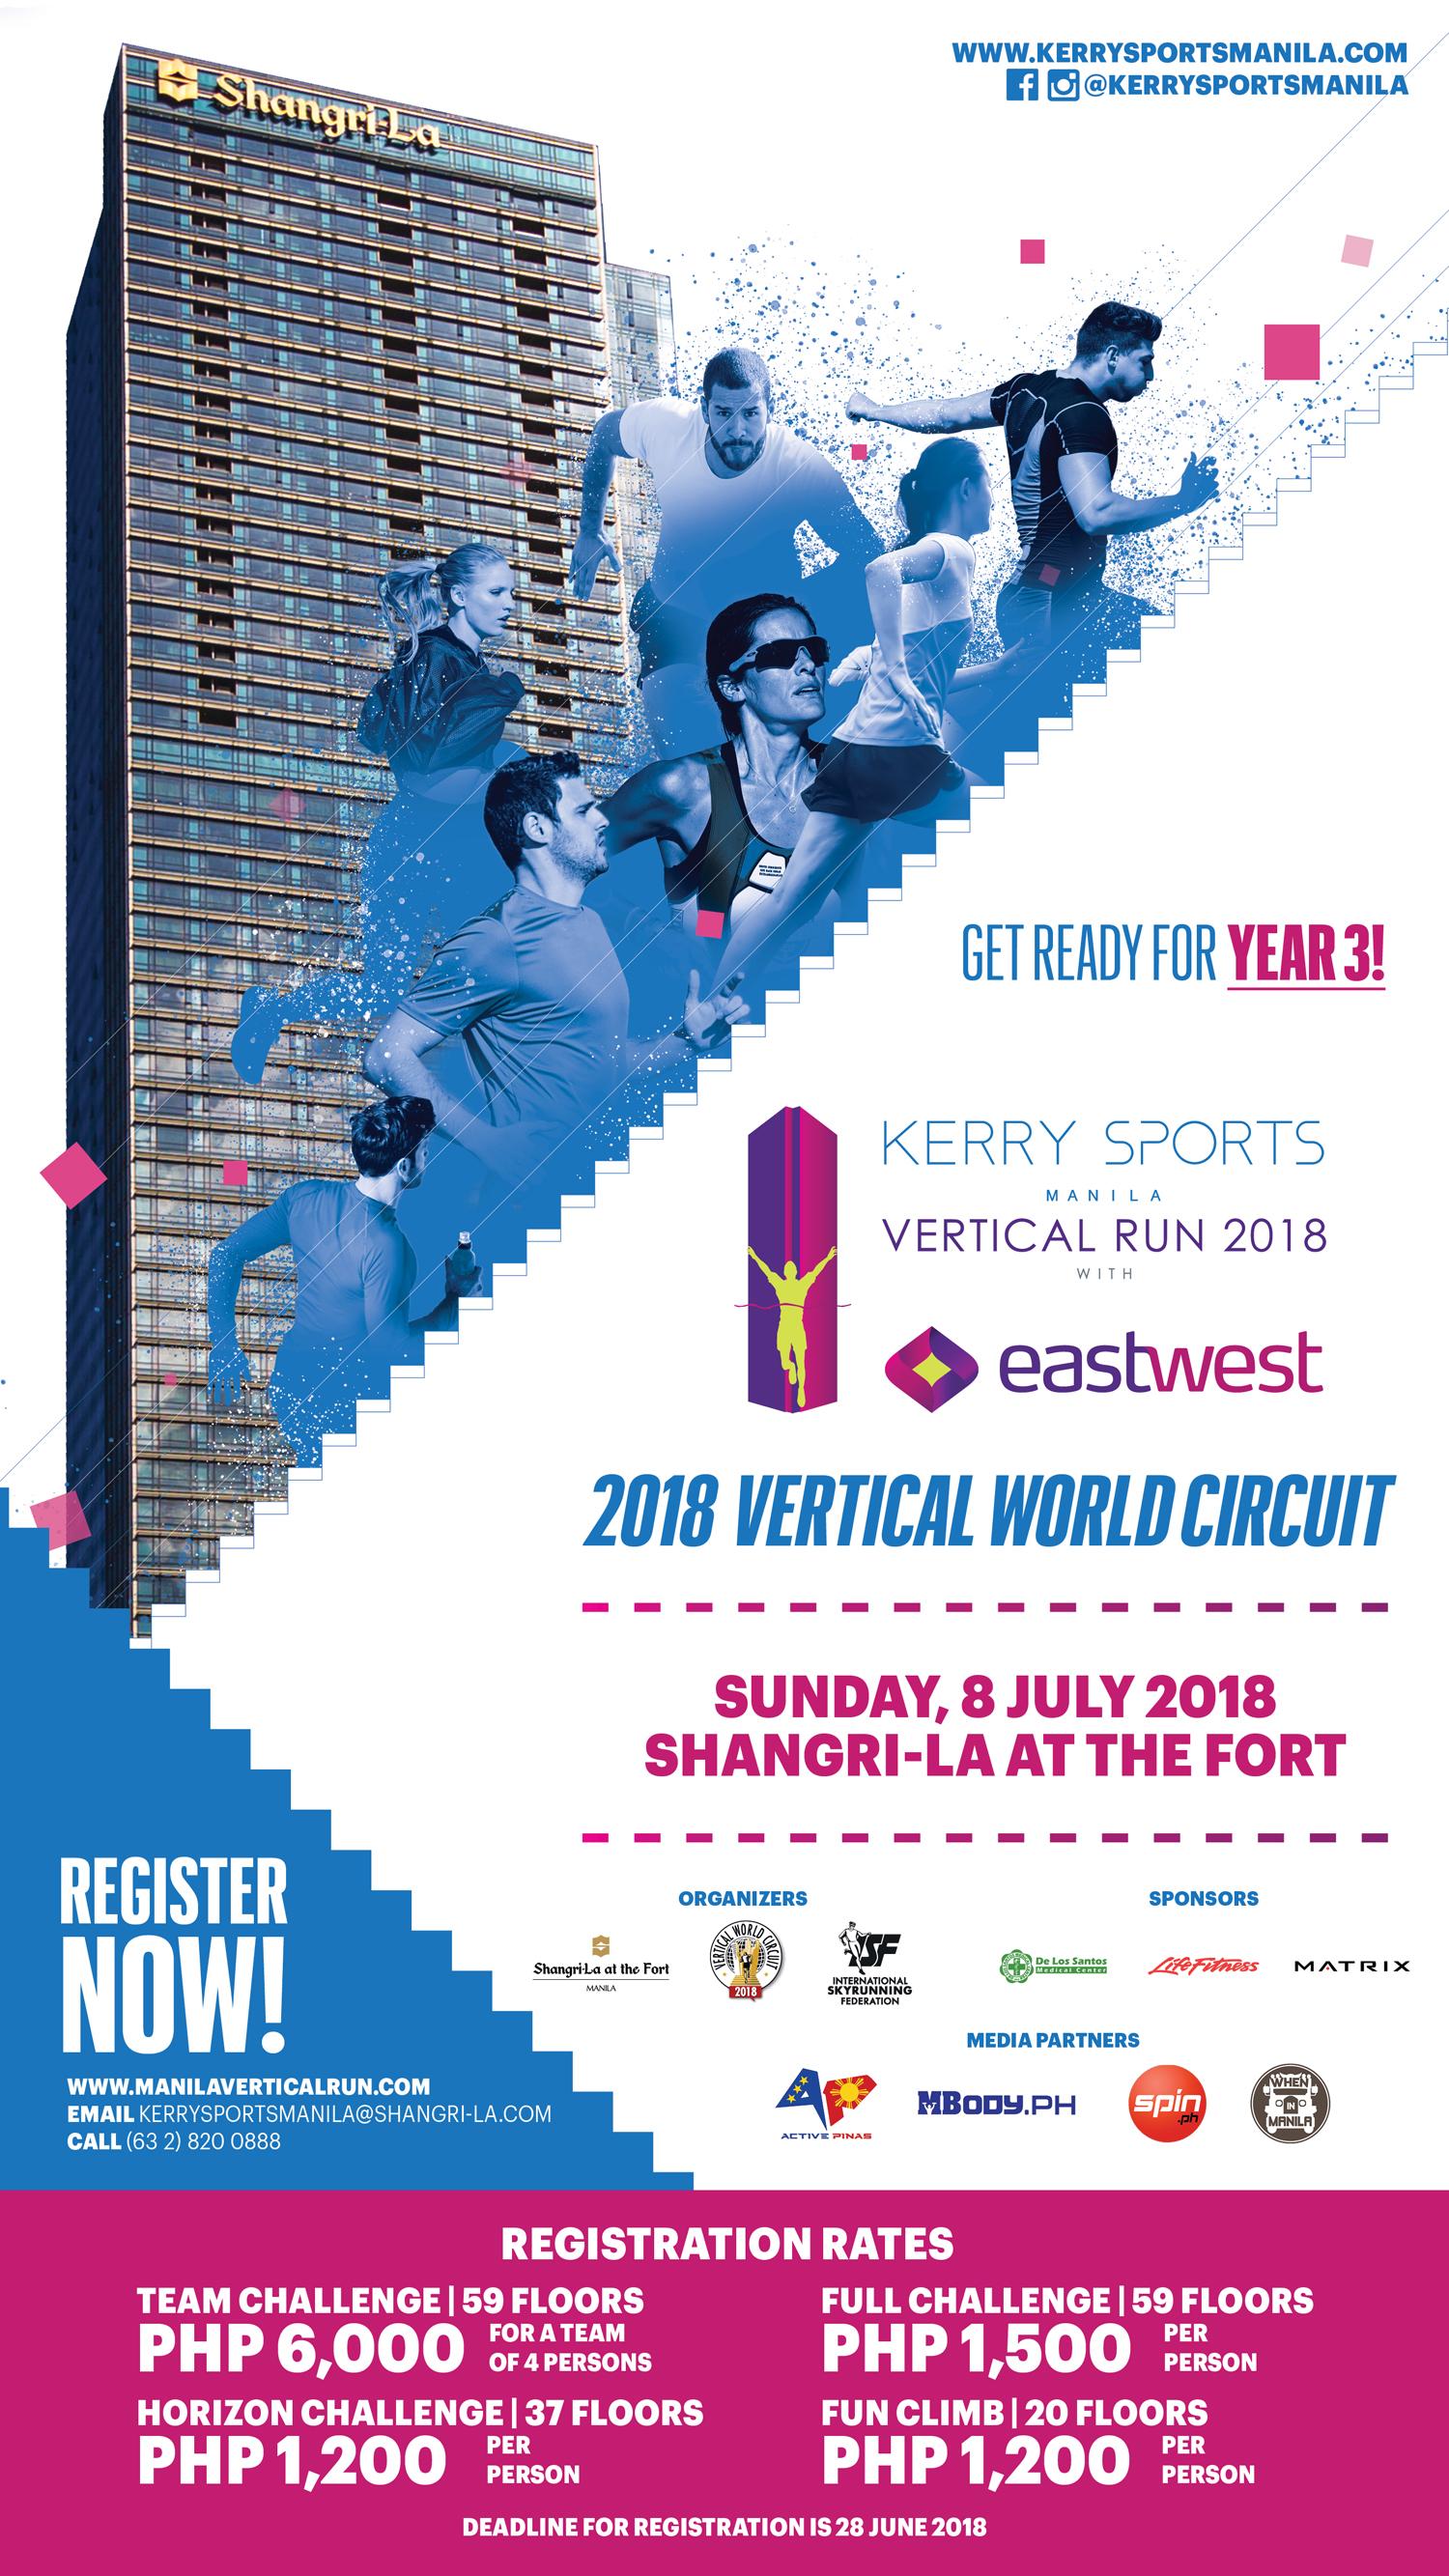 kerry sports vertical run 2018